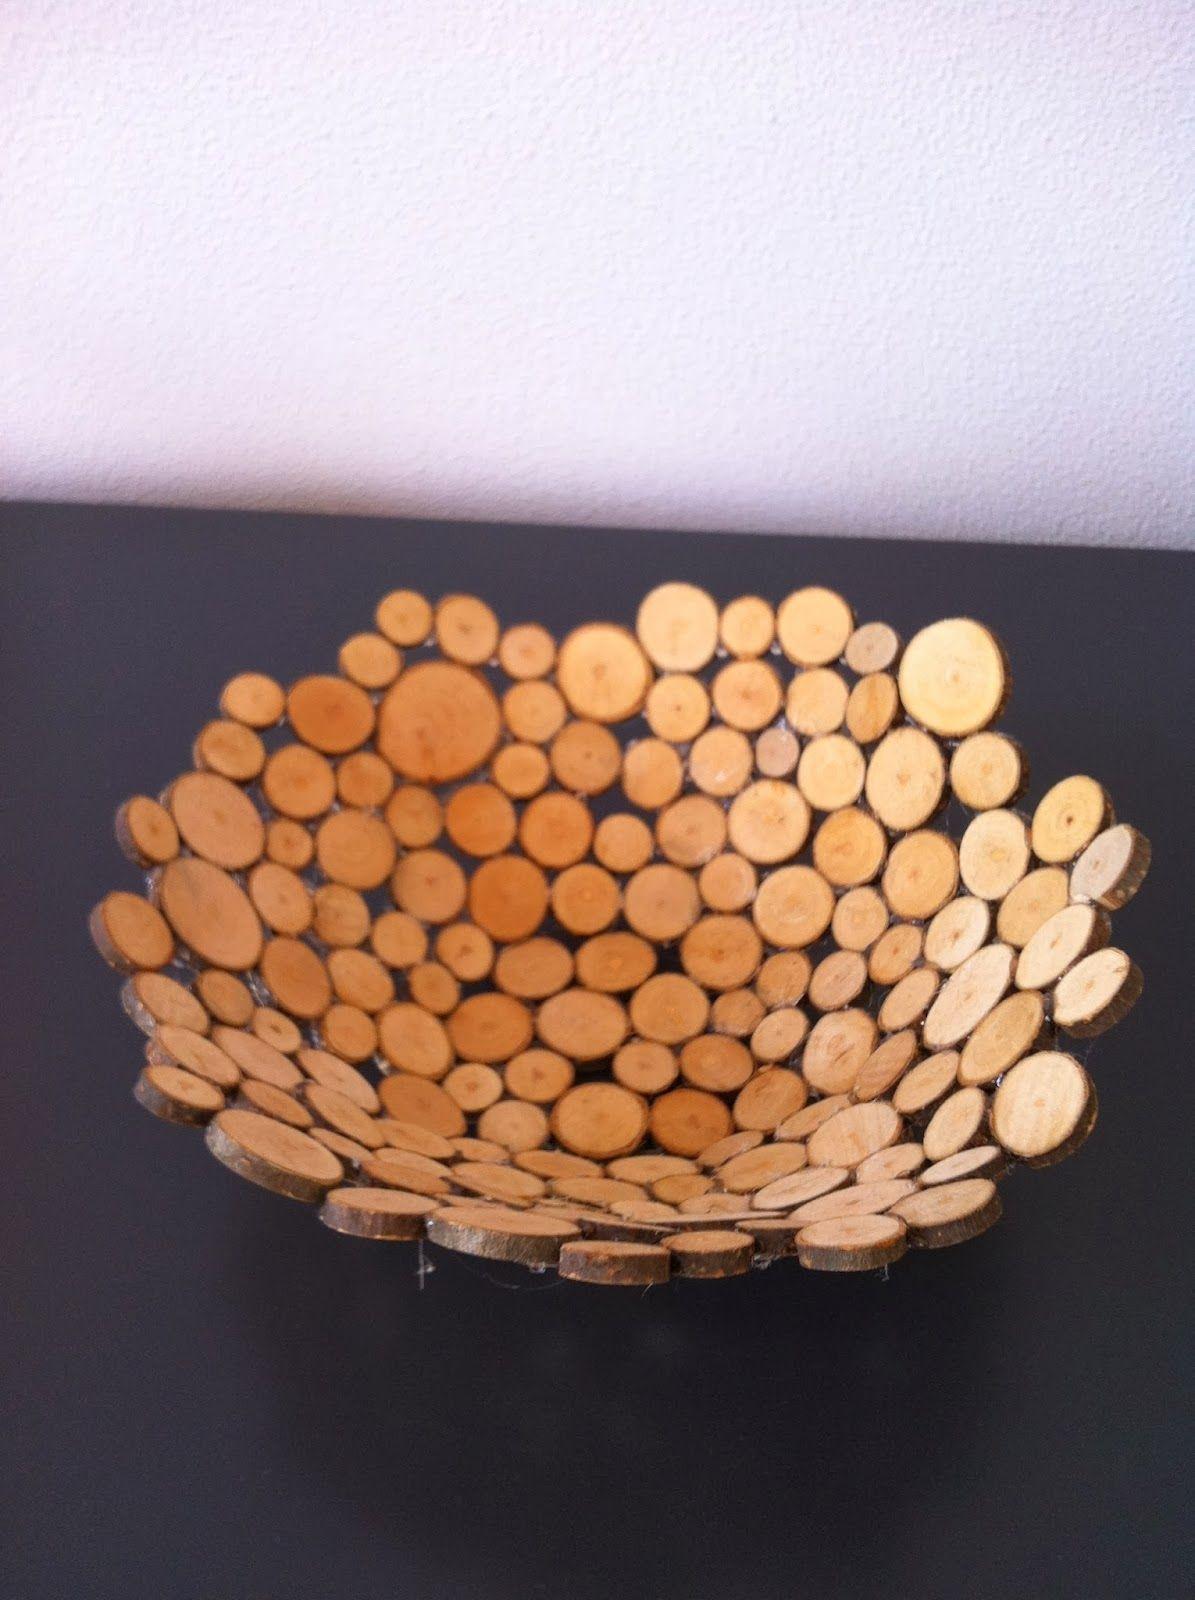 Favoriete Een schaal van houtplakjes knutselen (+werkbeschrijving). Zou je #VY52